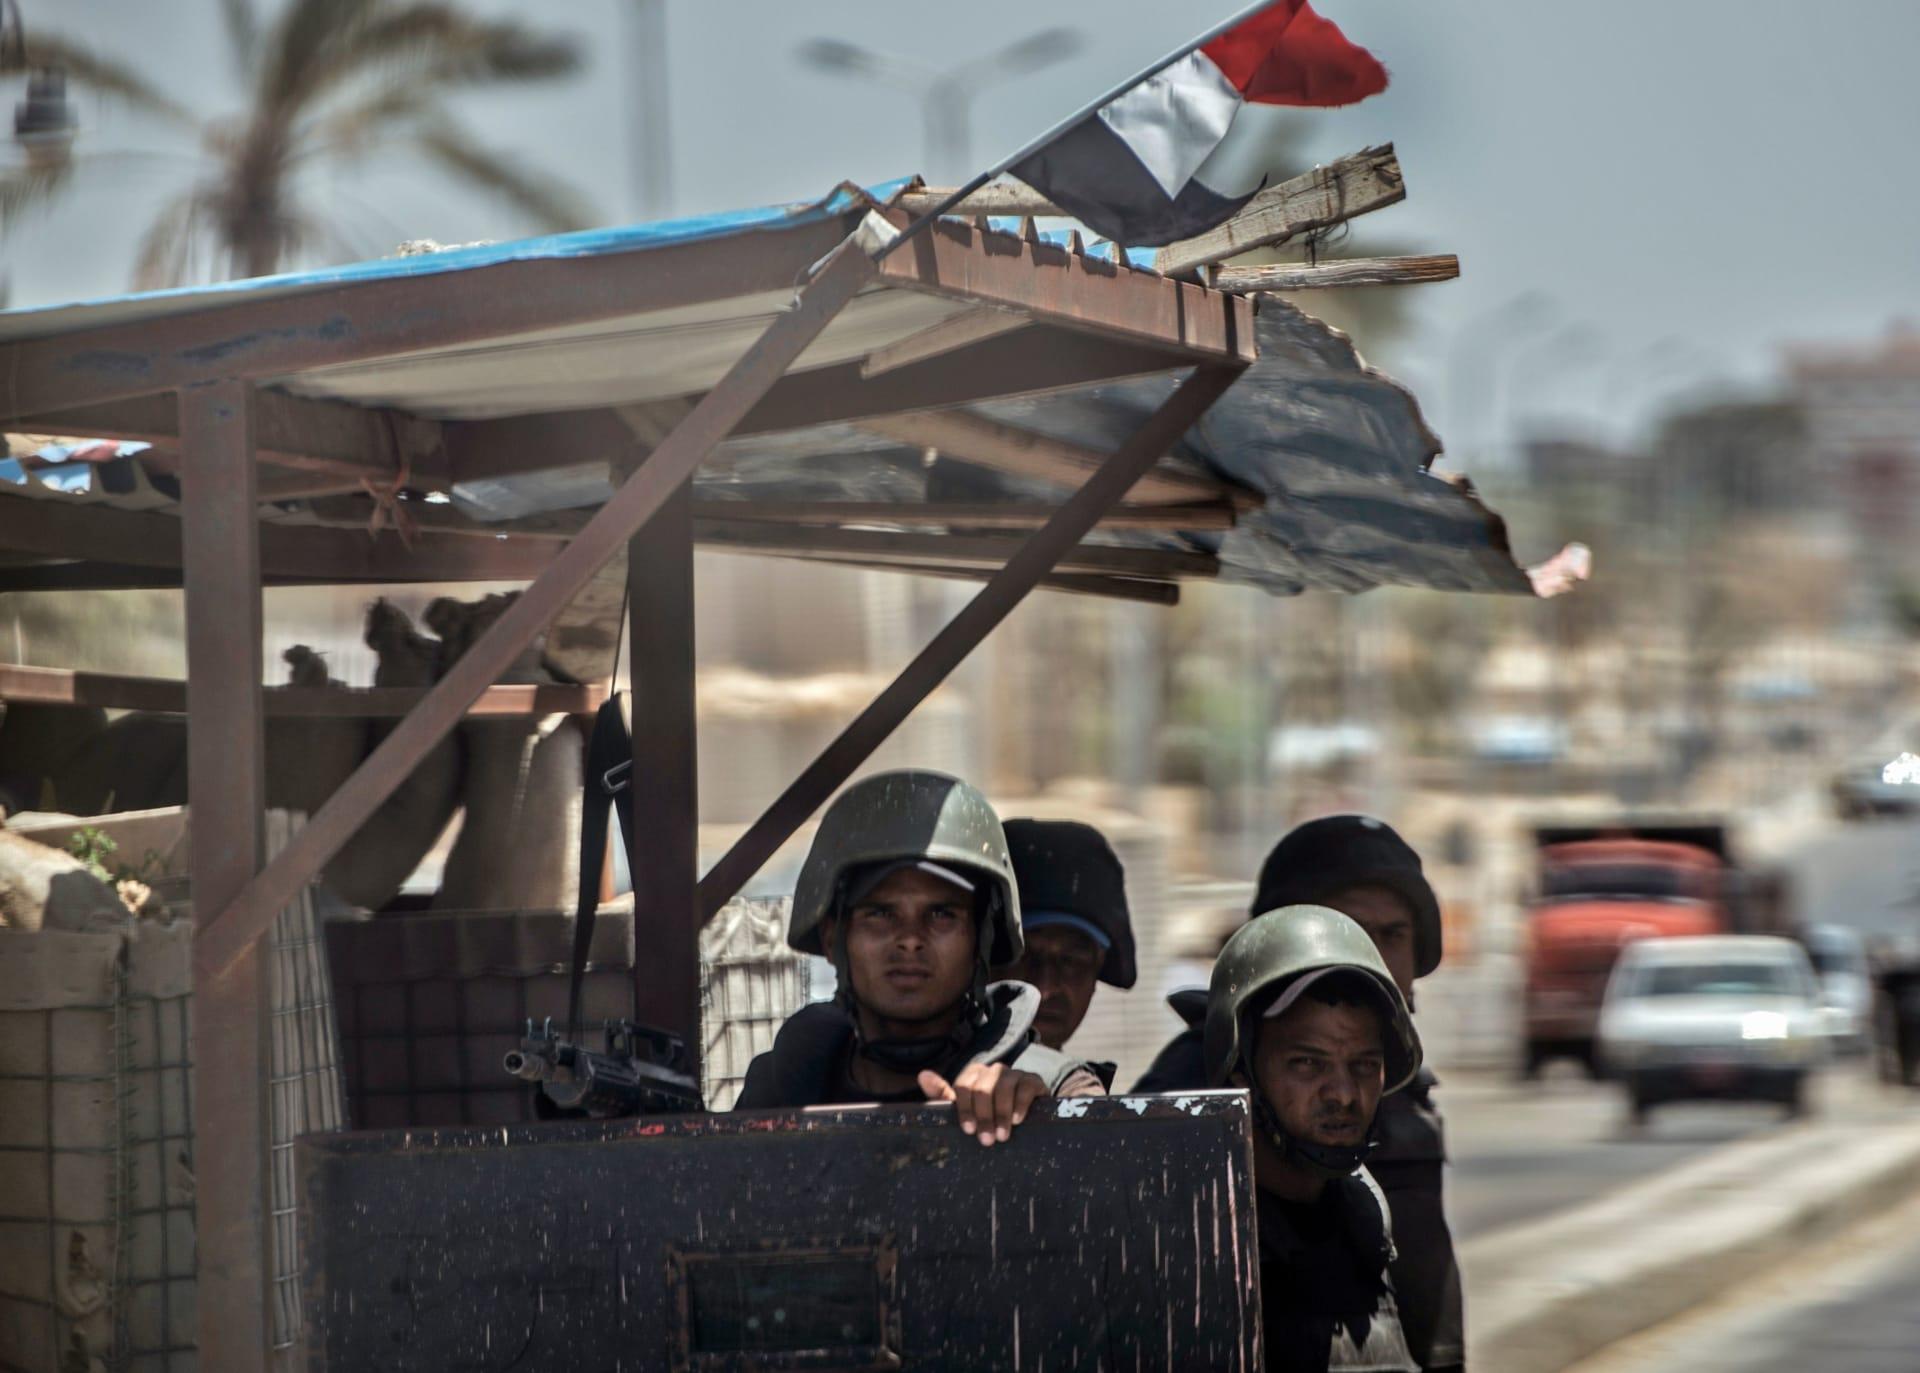 مصر تُعلن عن إجراء تدريب بحري مشترك مع فرنسا في البحر المتوسط